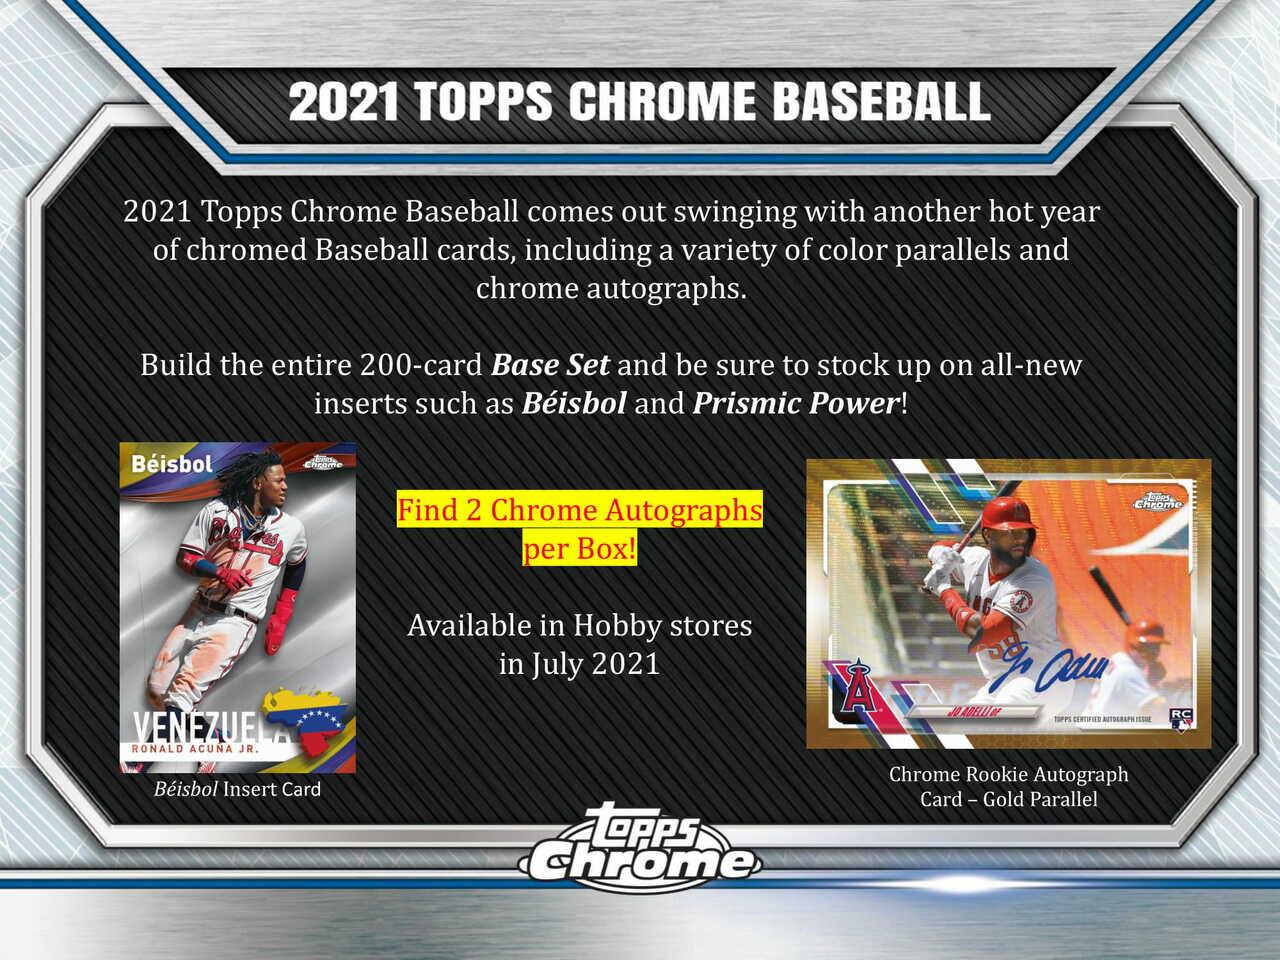 2021 Topps Chrome Baseball Hobby Box